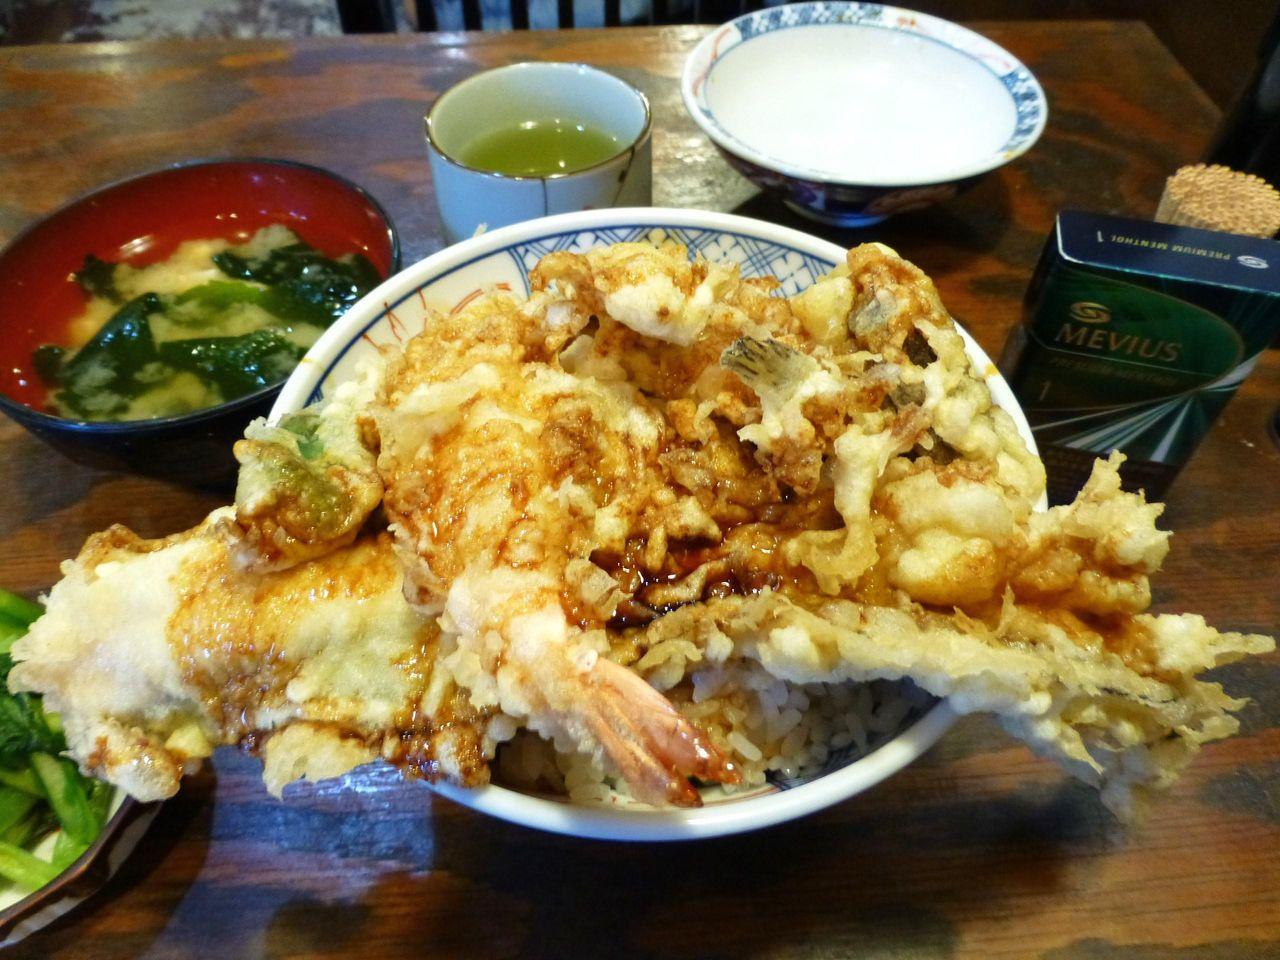 ご飯が見えないほど天ぷらがのって、テンションが上がります!